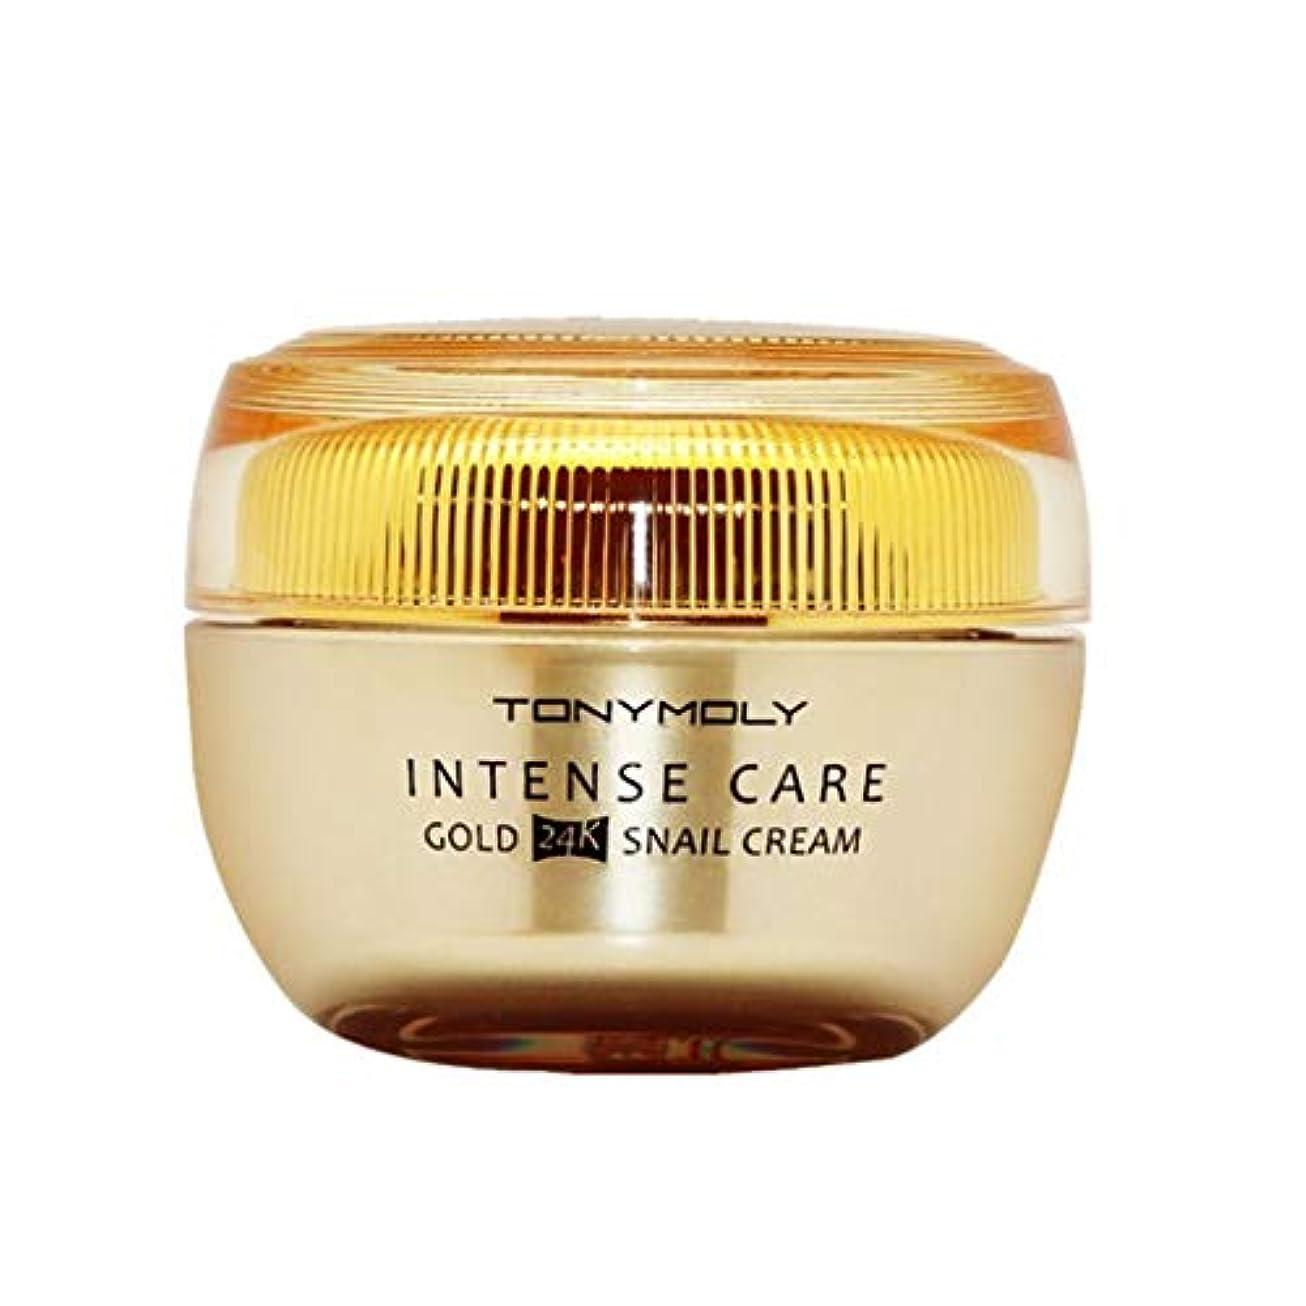 適応するカンガルー必要とするトニーモリーインテンスケアゴールド24Kスネールクリーム45ml x 2本セット美白、シワ改善クリーム、Tonymoly Intense Care Gold 24K Snail Cream 45ml x 2ea Set...